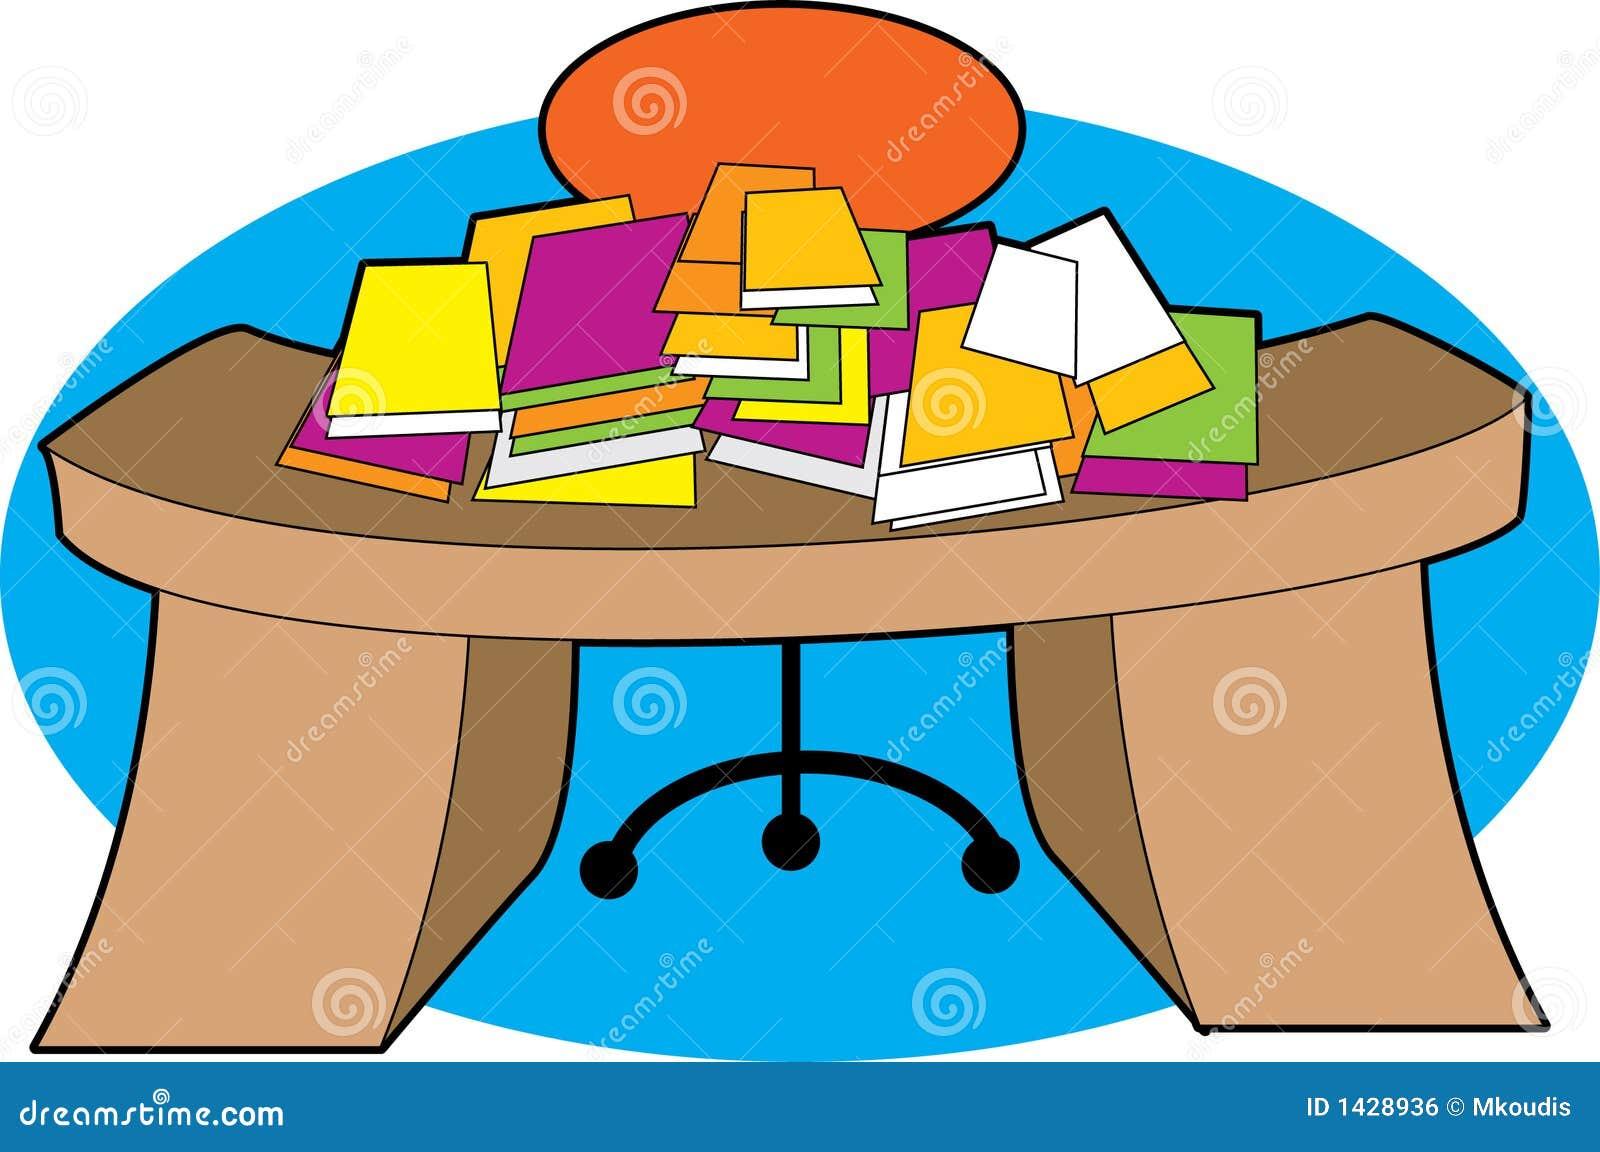 Schreibtisch clipart  Frau Mit Unordentlichem Schreibtisch Lizenzfreies Stockfoto - Bild ...